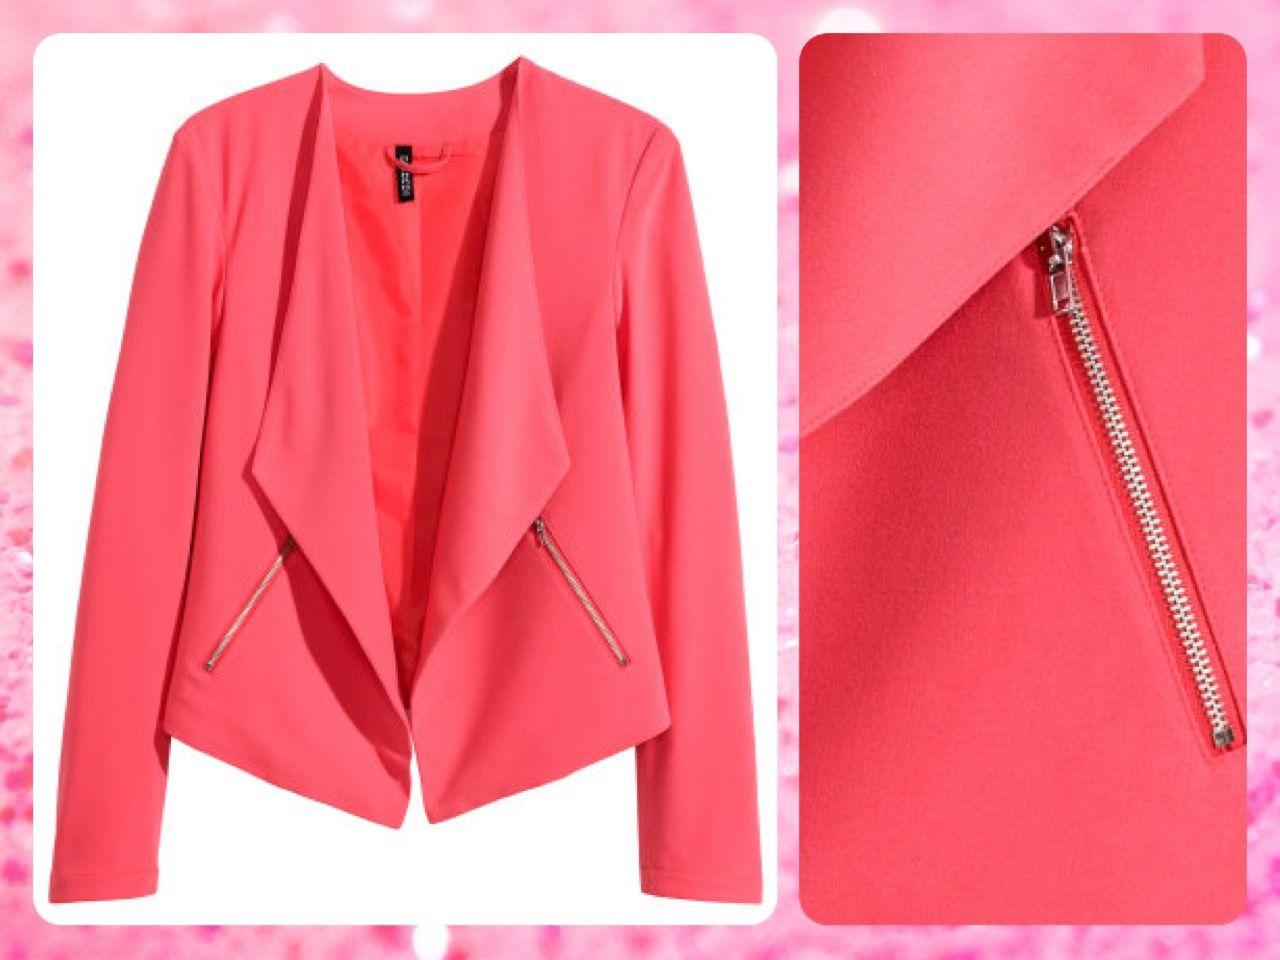 ***AGOTADO*** #MayaBoutiqueCR H&M Código: HMSW-08 Crêpe #jacket Talla: 8 Color: Coral pink Precio: $48,65 (¢26.500) Para pedidos y consultas llamar al teléfono 8963-3317 o al email maya.boutique@hotmail.com.